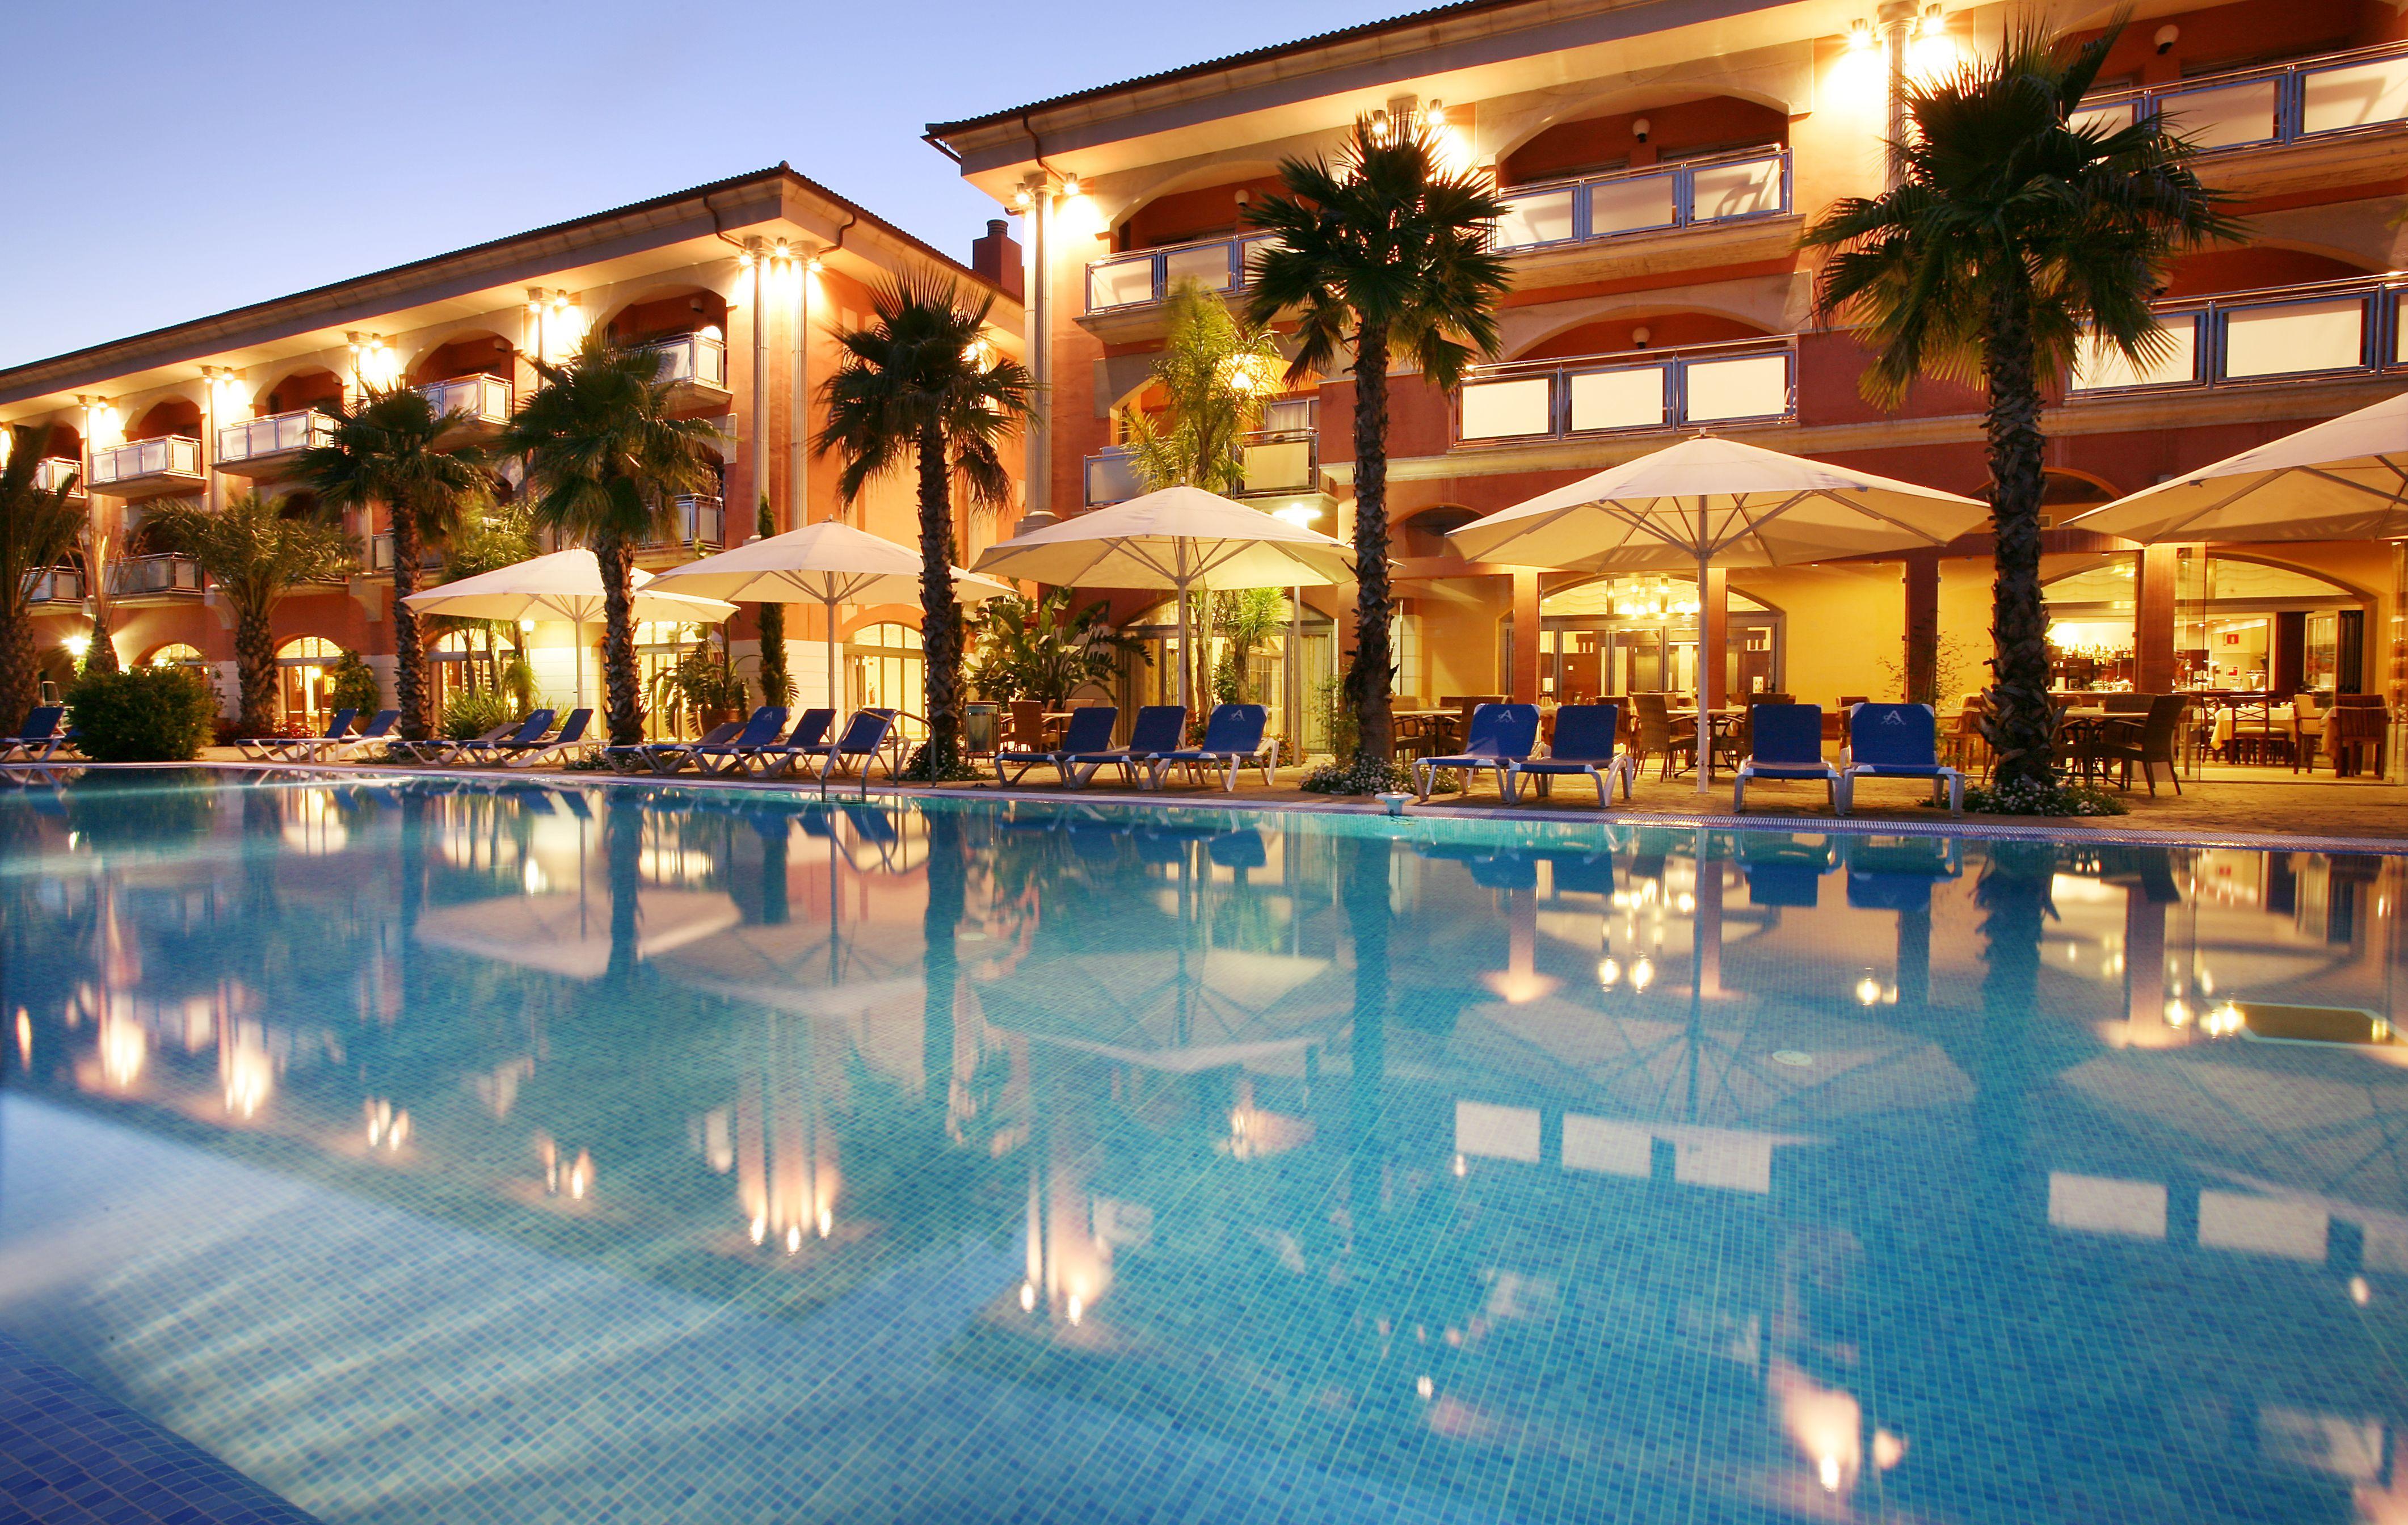 Allsun Hotels Auf Mallorca Erhalten Neuschliff Und Bieten Gasten Im Sommer Noch Mehr Qualitat Ambiente